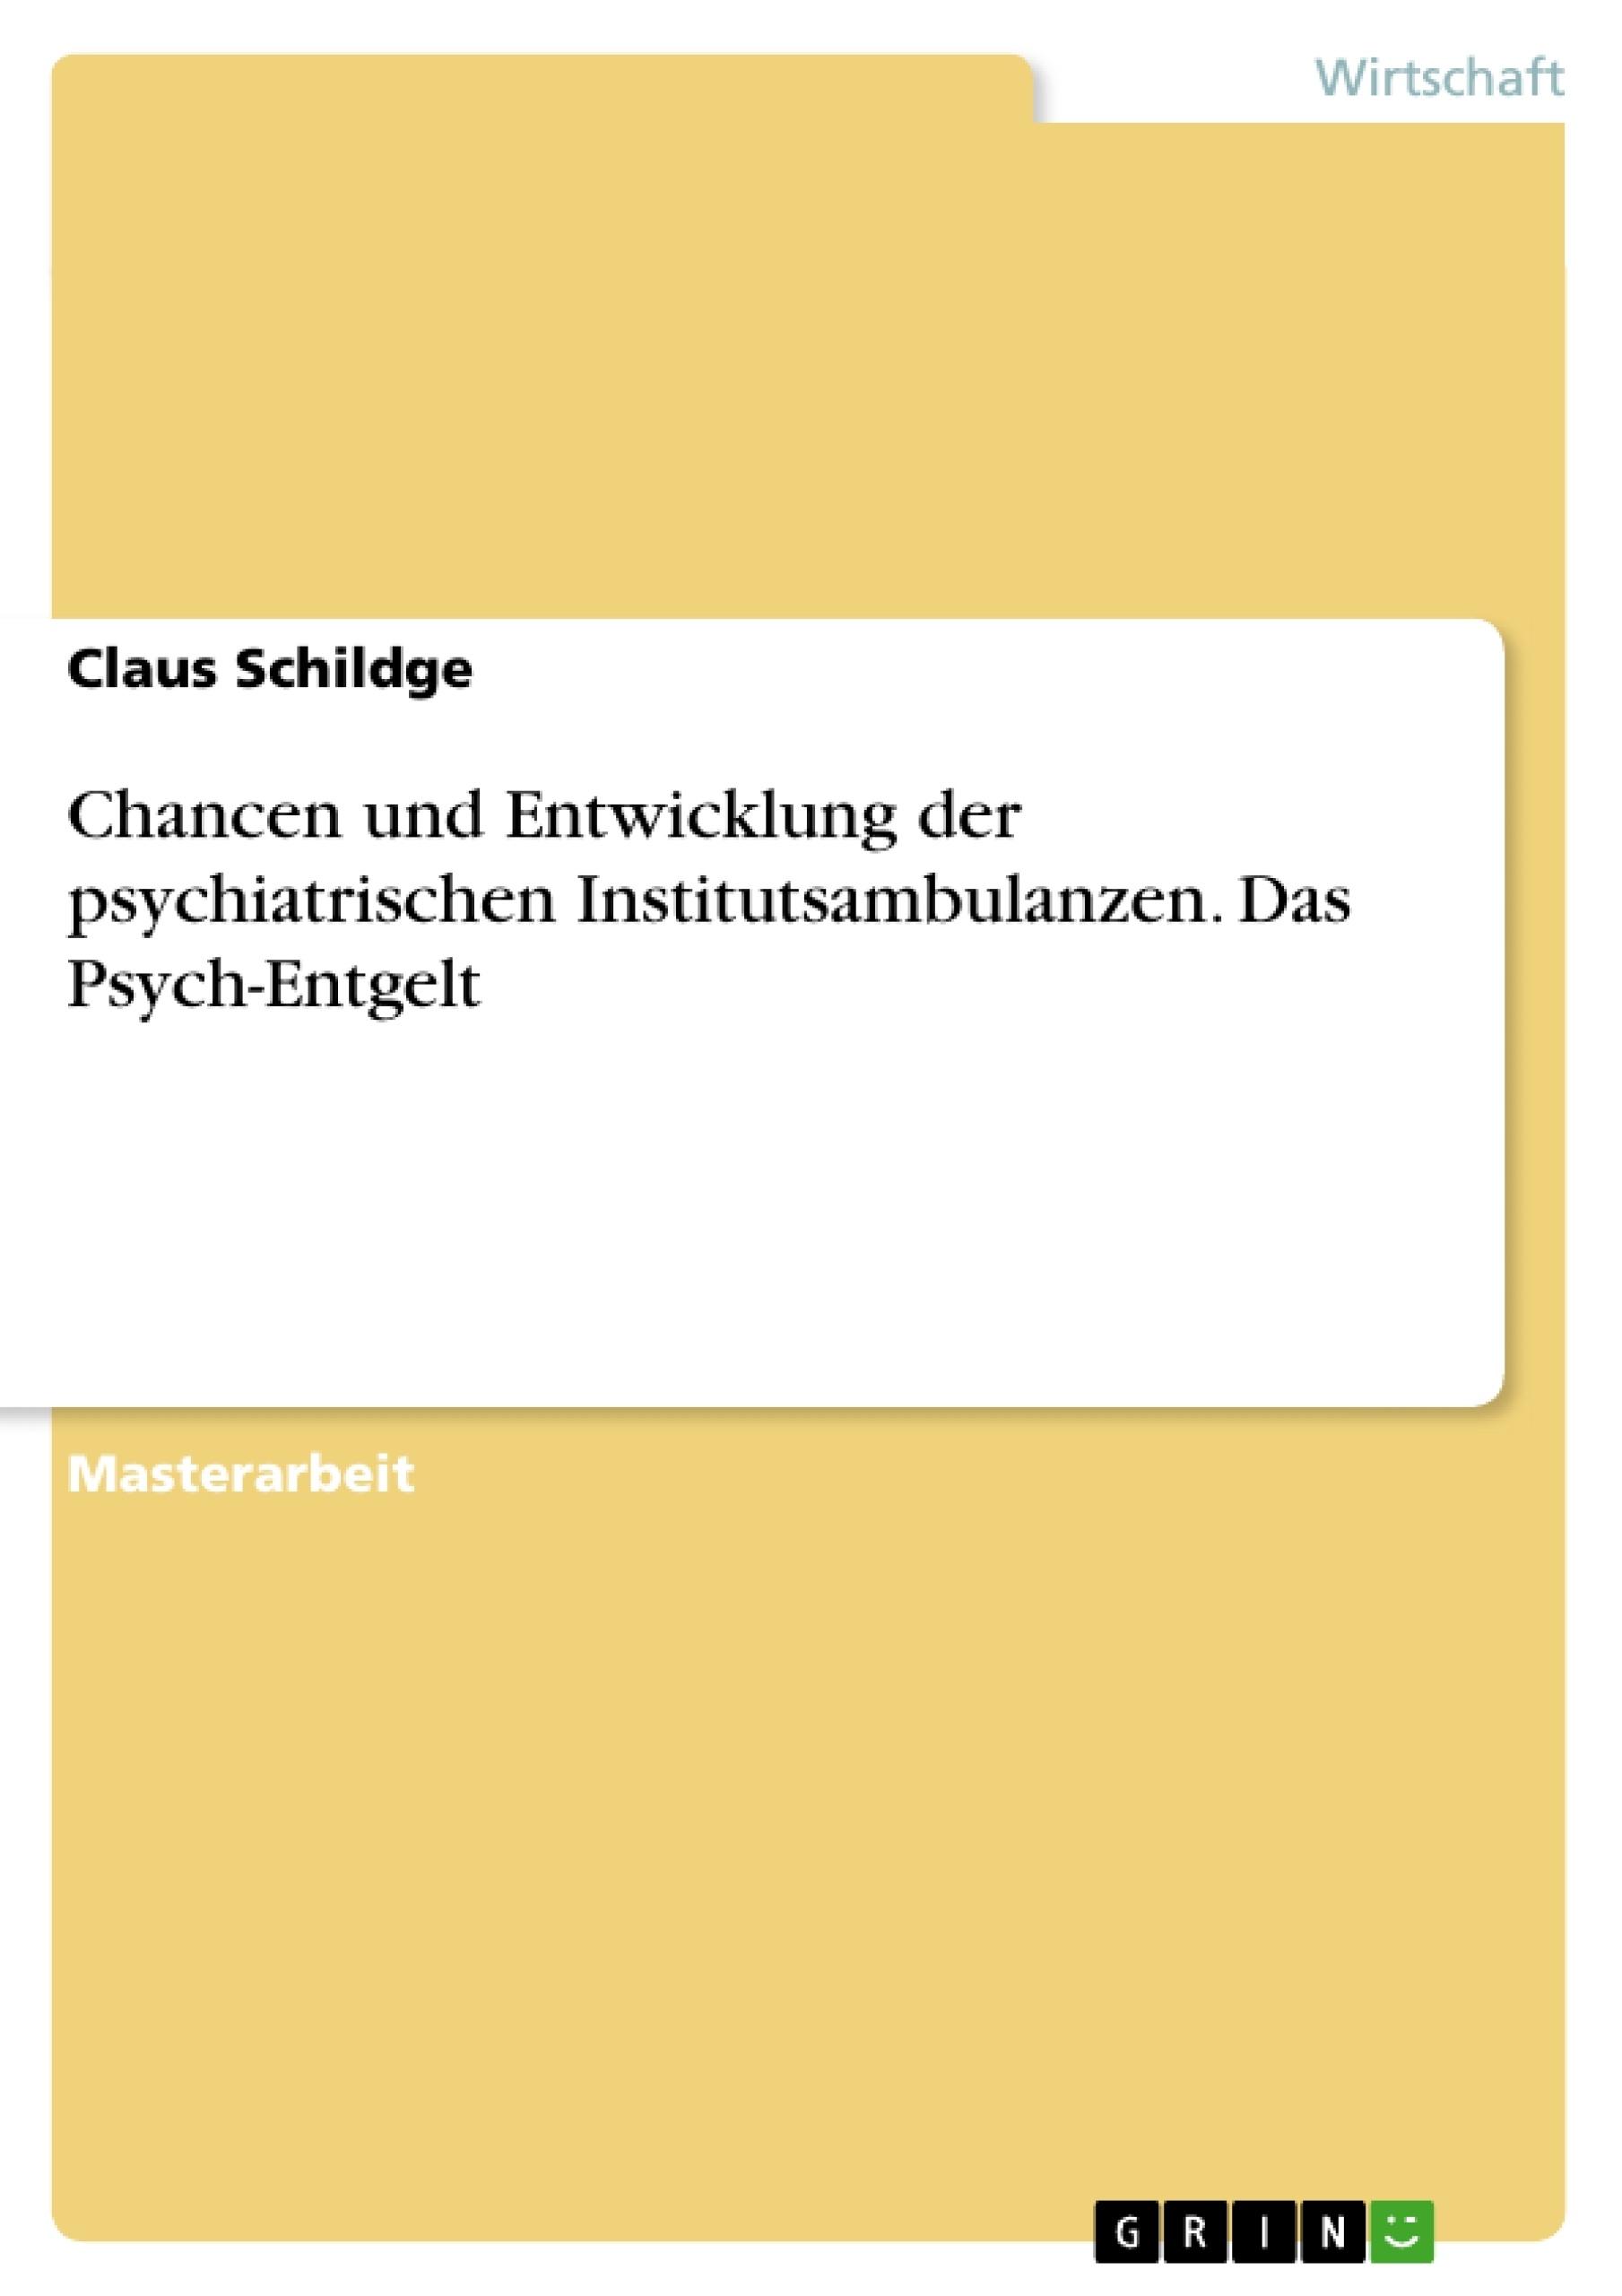 Titel: Chancen und Entwicklung der psychiatrischen Institutsambulanzen. Das Psych-Entgelt